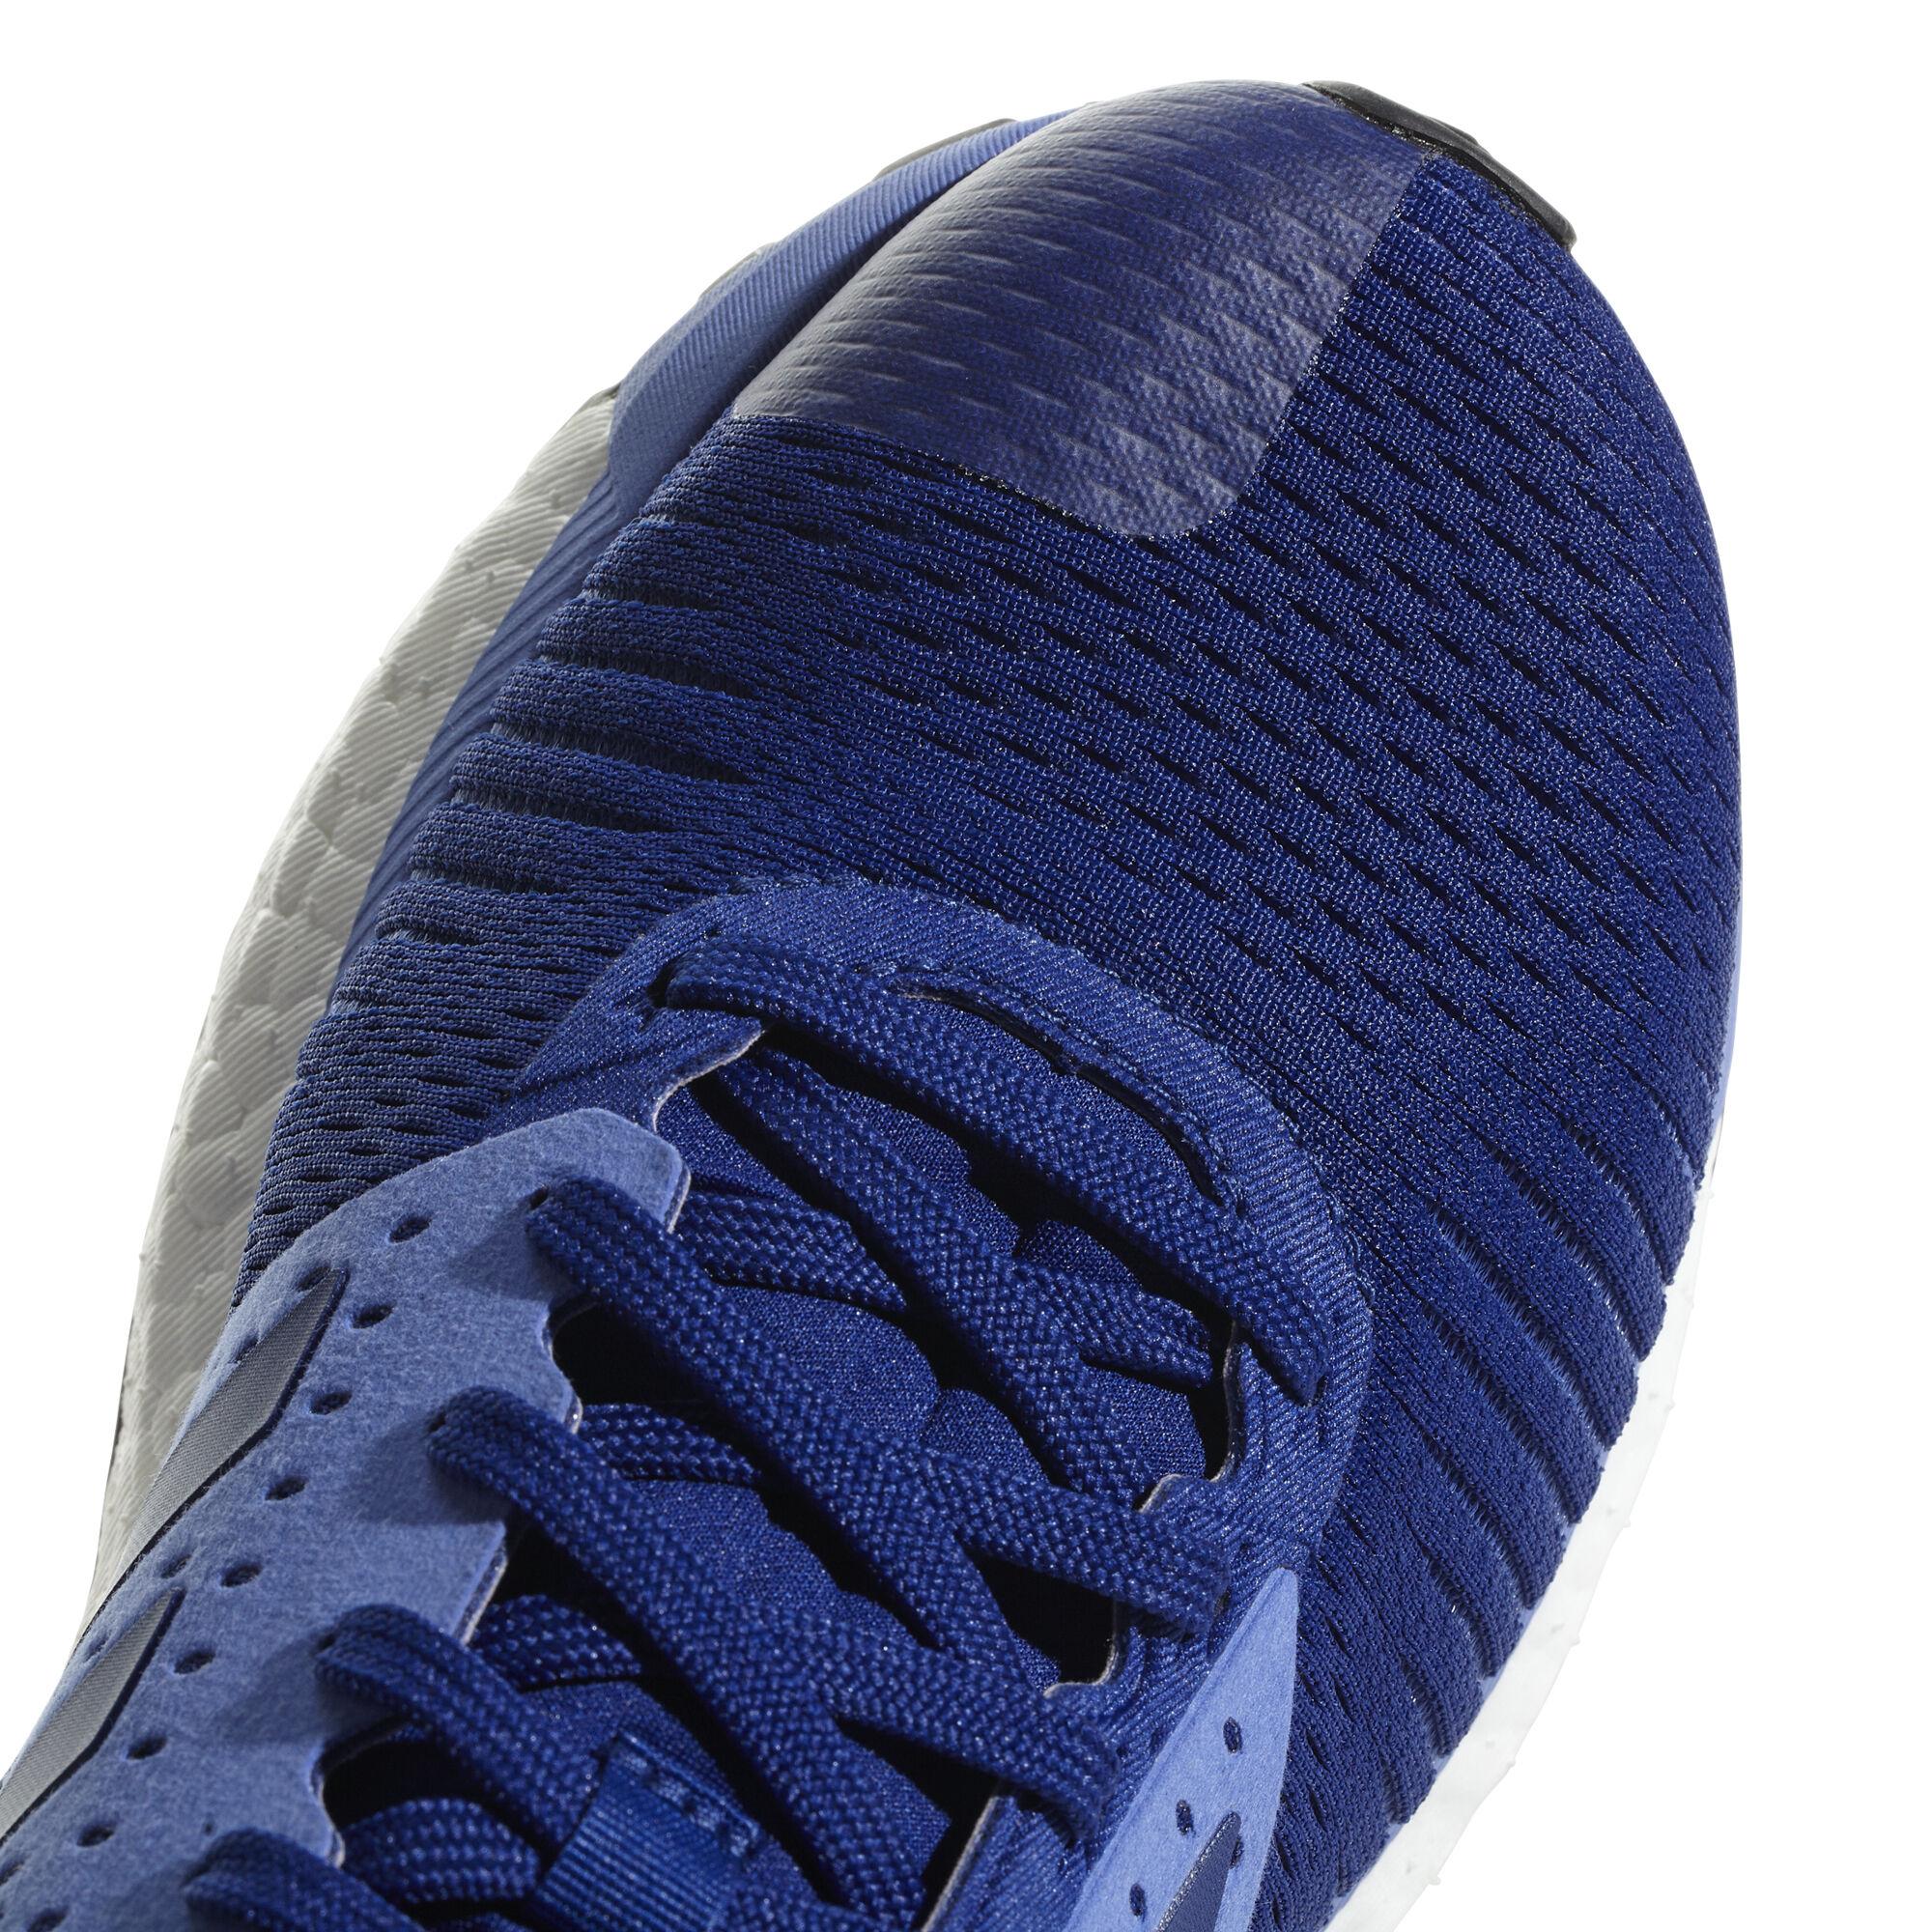 outlet store 74e6c fc146 ... adidas · adidas · adidas · adidas. Solar Glide ST Women ...